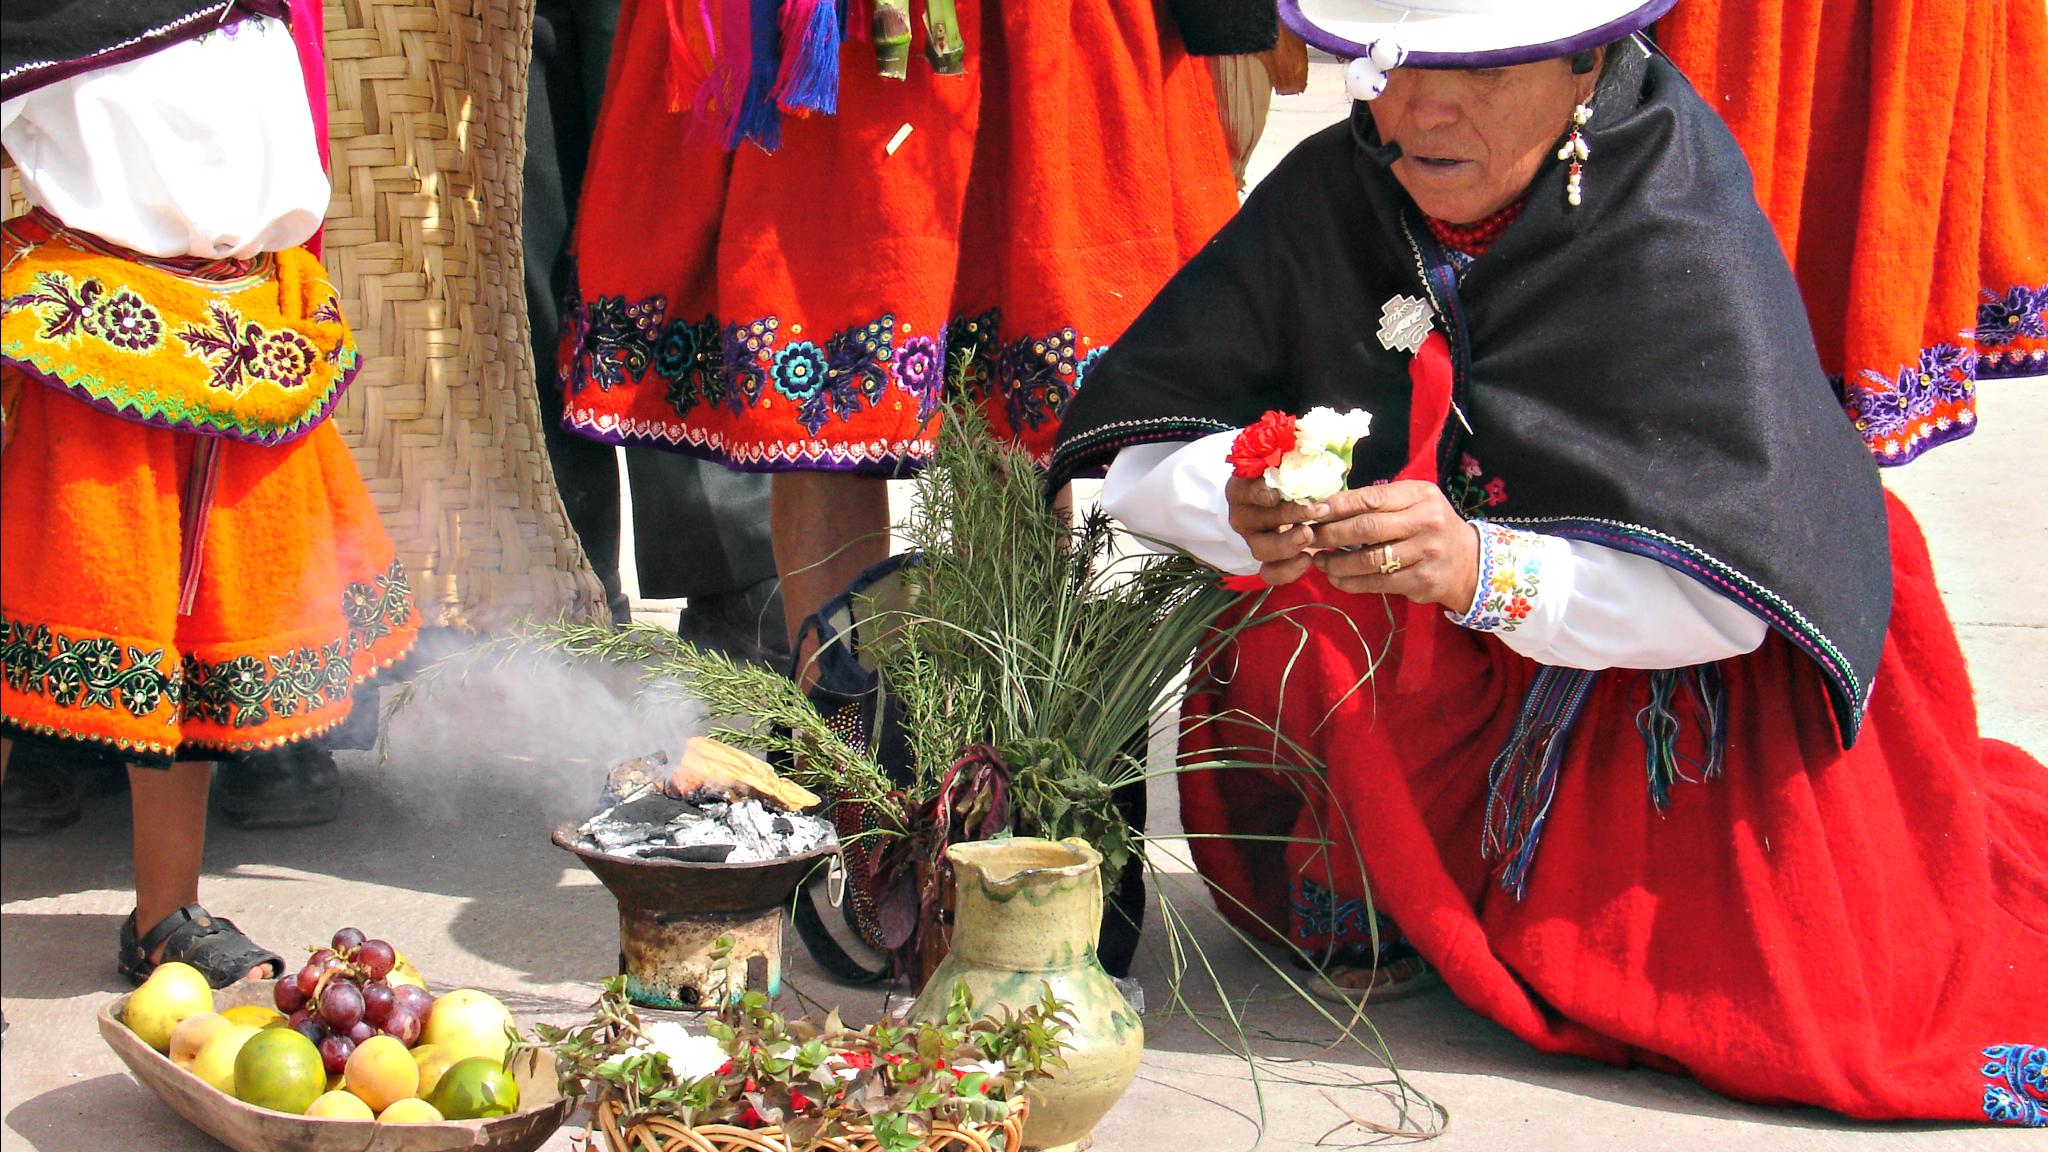 Les peuples premiers d'Amérique latine ont des rythmes de vie qui diffèrent de ceux des Occidentaux (Photo d'illustration, dr.)